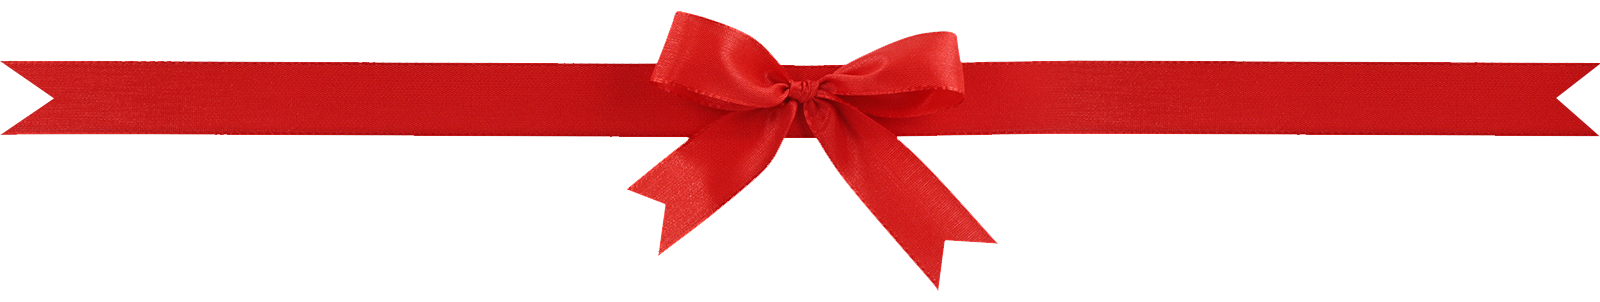 christmas_bow 3